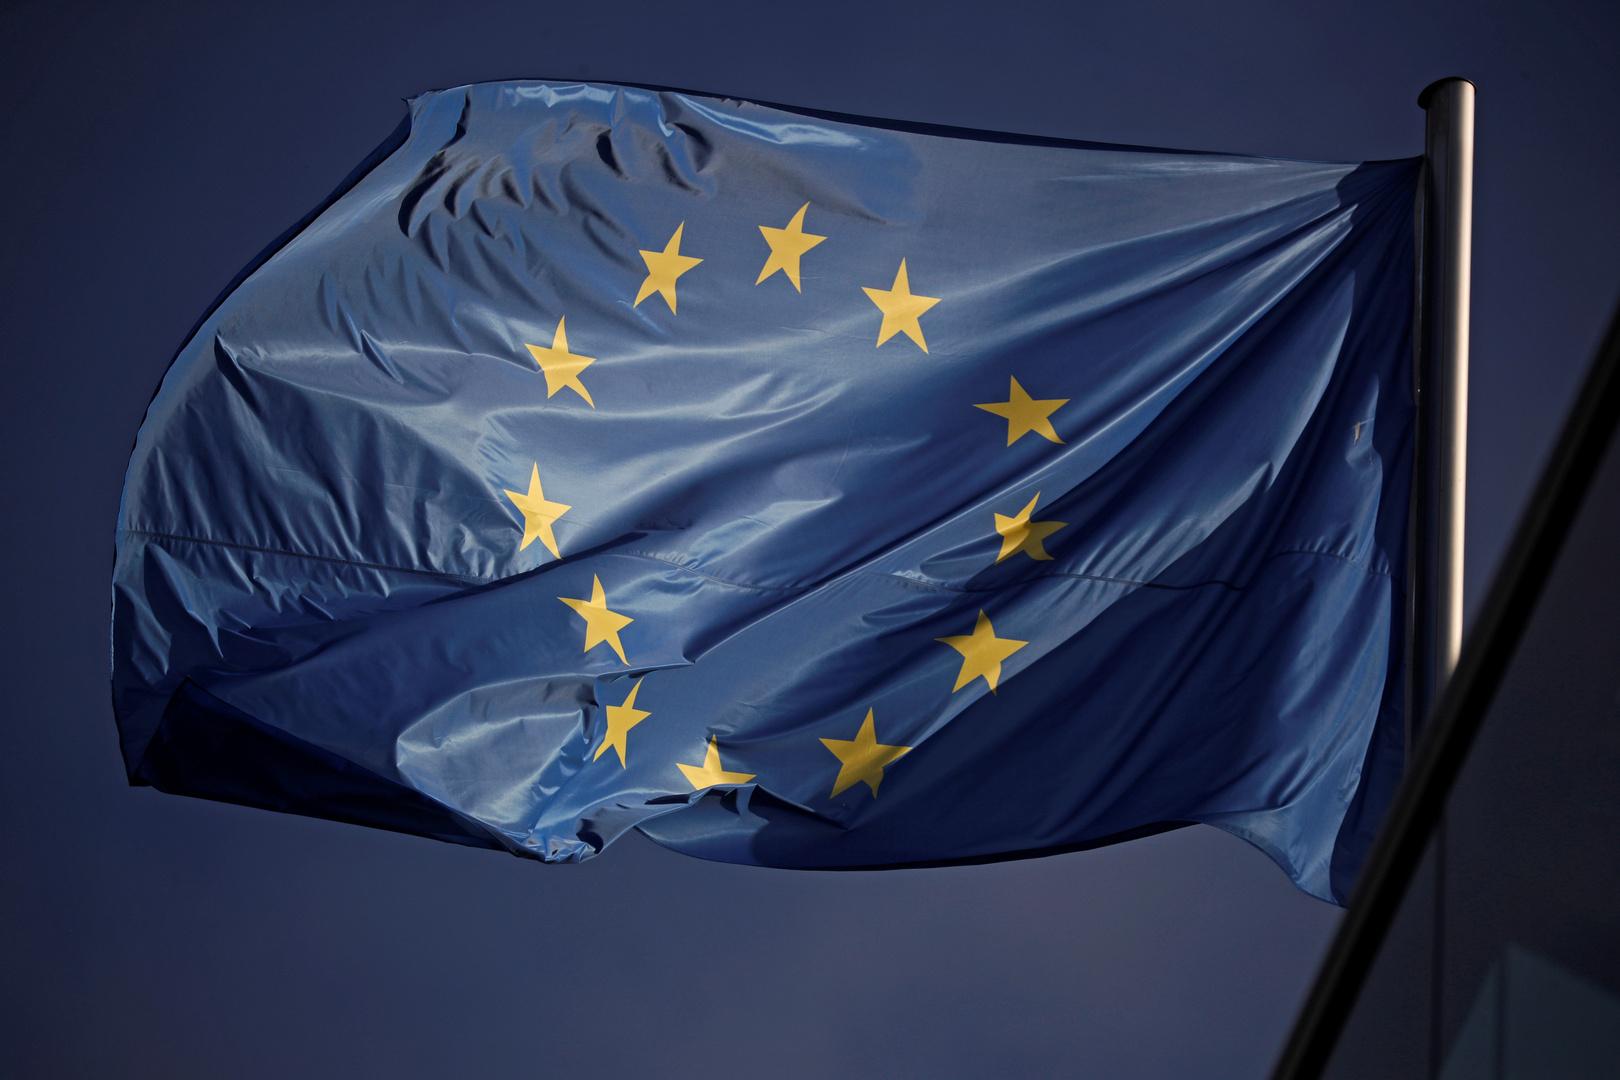 الاتحاد الأوروبي يمدد عقوباته ضد روسيا على خلفية النزاع الأوكراني لـ6 أشهر